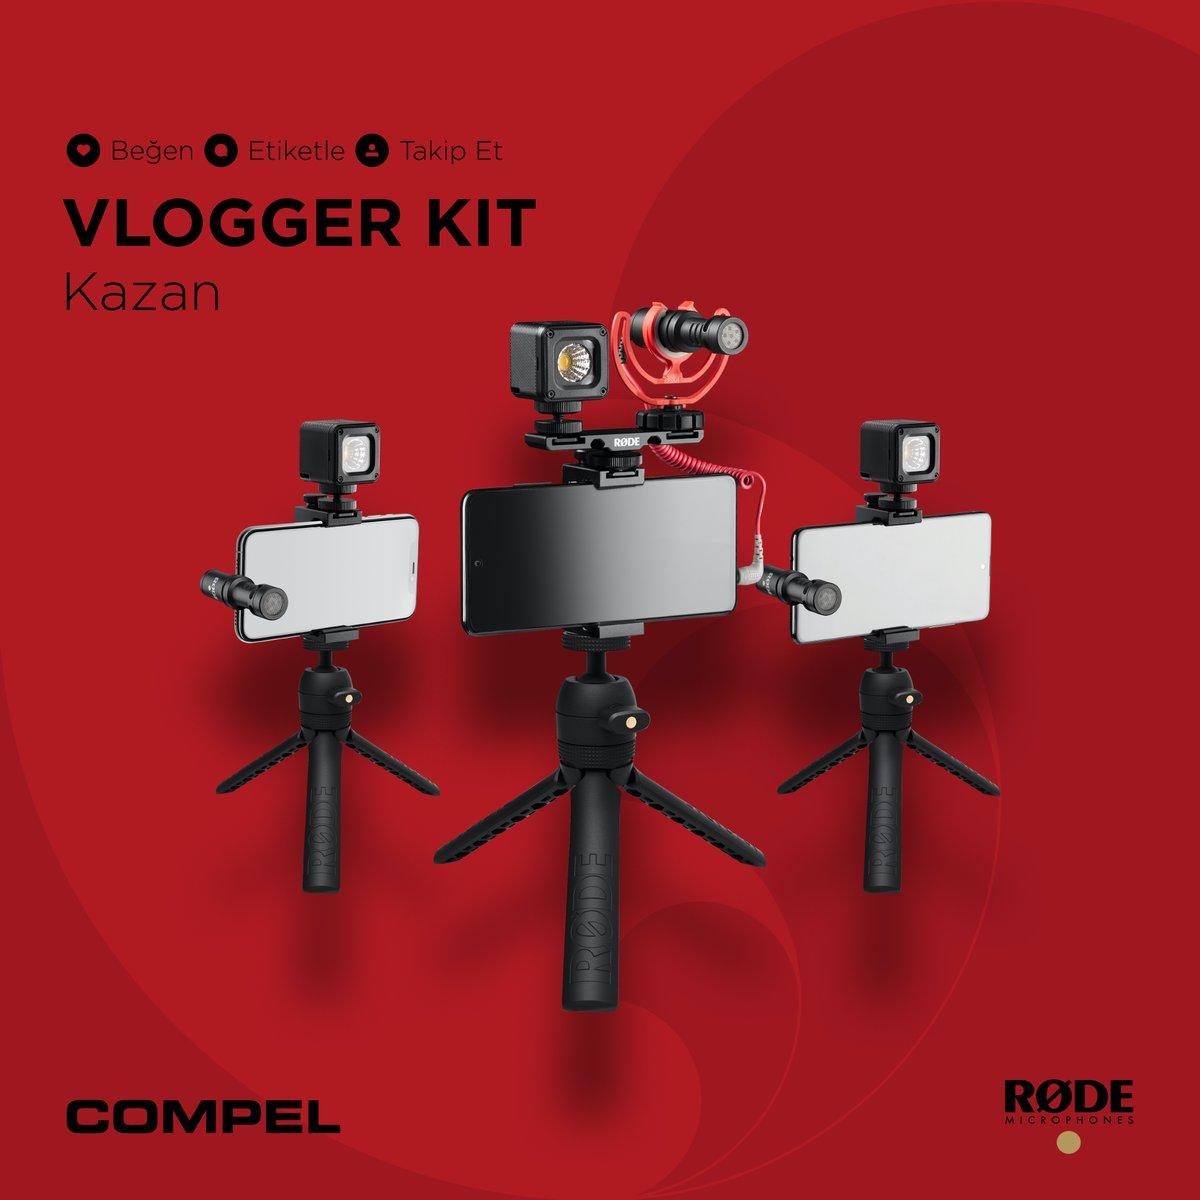 ✨🎁✨ Bu ay @mrt_gundogdu ile ortak düzenlediğimiz çekilişle 1 kişiye lightning, USB-C ya da 3.5 mm konnektörü bulunan akıllı telefonlar ile çekim yaparken profesyonel sonuçlar almanızı sağlayacak her şeye sahip @rodemics vlogger kit hediye ediyoruz 😲 #Compel #RØDE